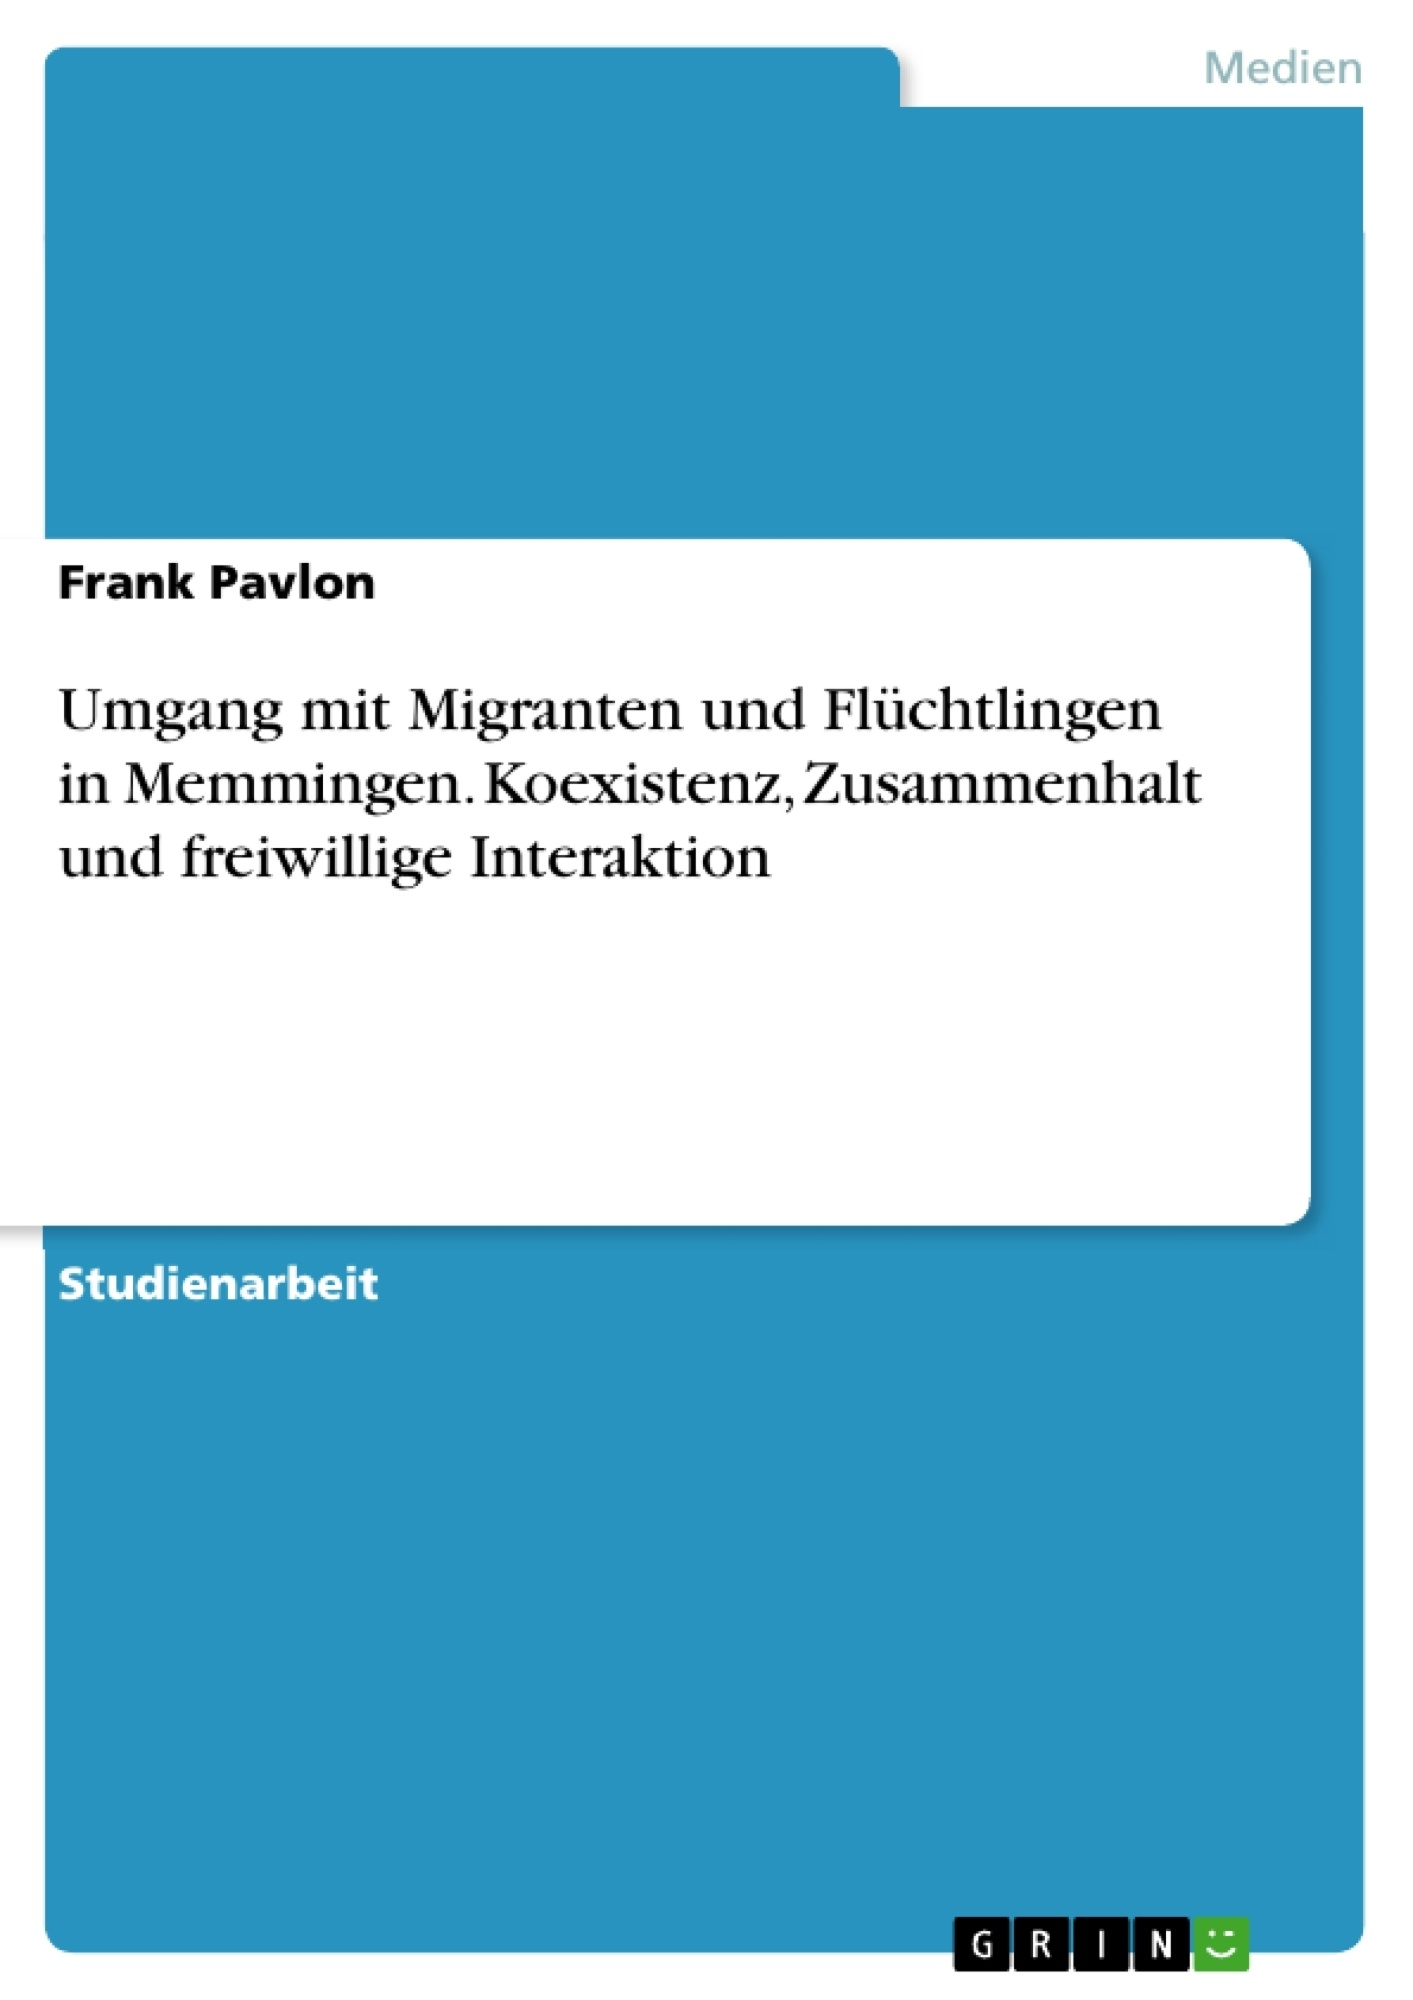 Titel: Umgang mit Migranten und Flüchtlingen in Memmingen. Koexistenz, Zusammenhalt und freiwillige Interaktion